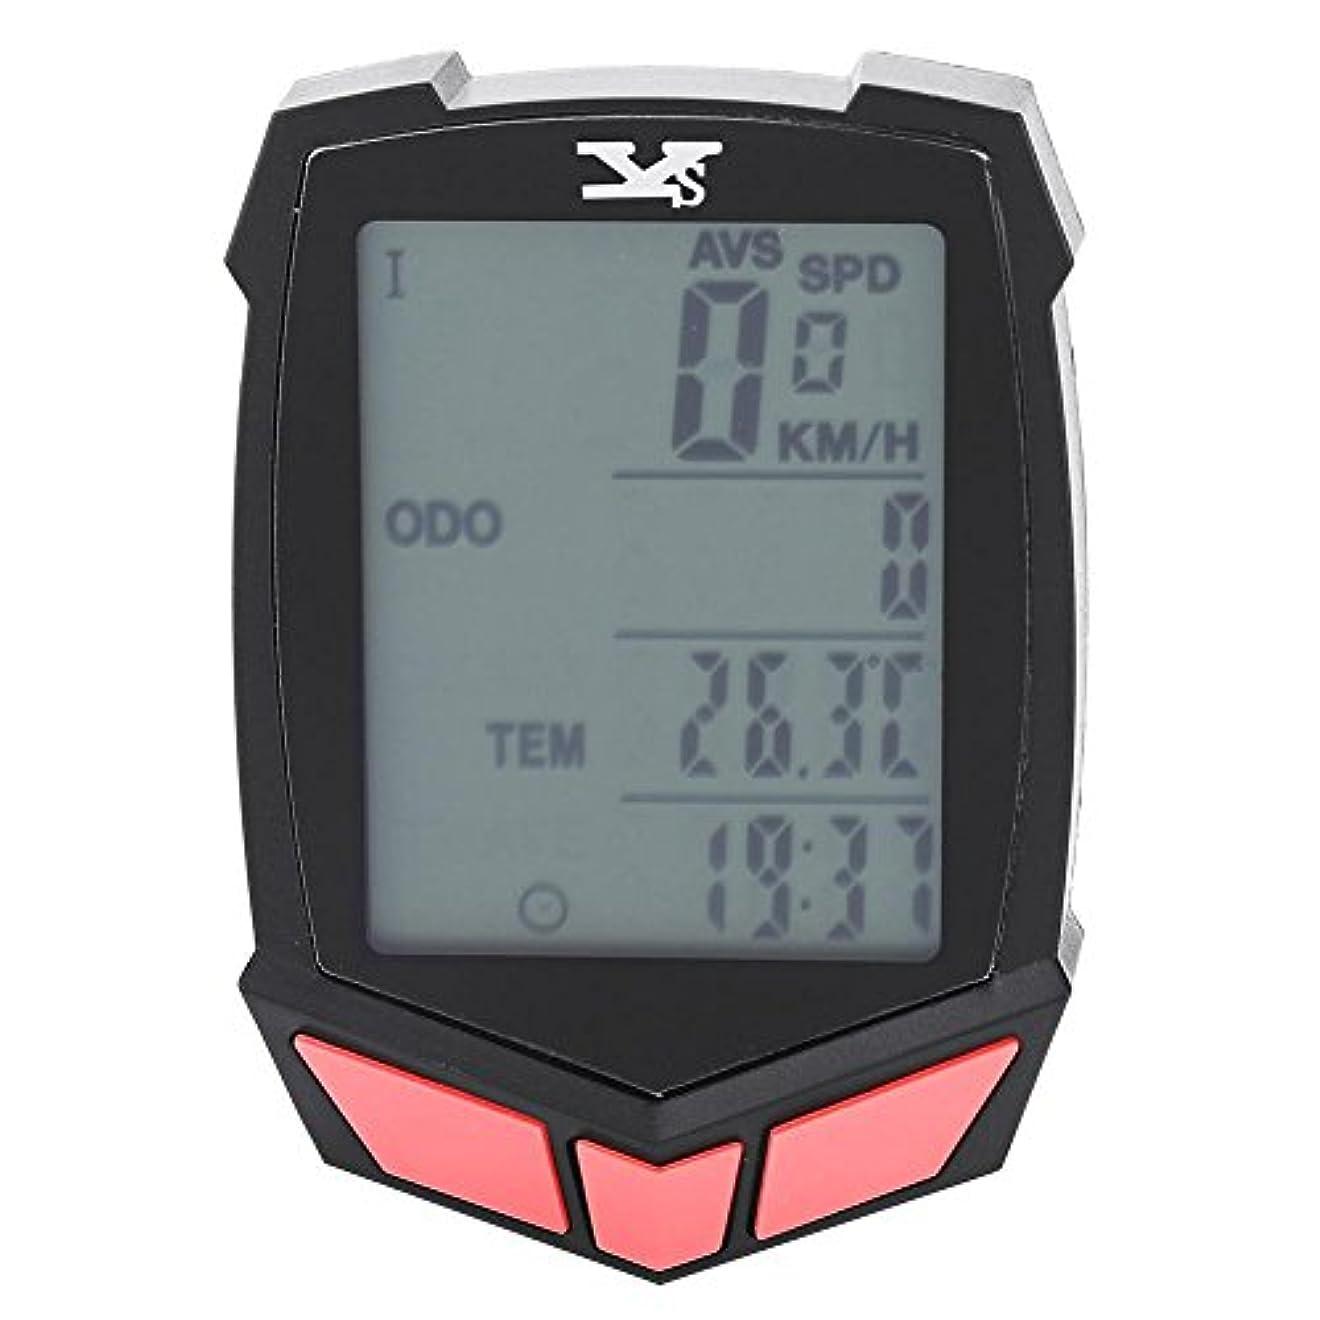 存在中庭保護するサイクルコンピューター 自転車コンピューター スピードメーター LCD画面 バックライト付き 時間/スピード/走行距離/温度など表示 オーバースピード警告機能 防水 高温&低温耐性